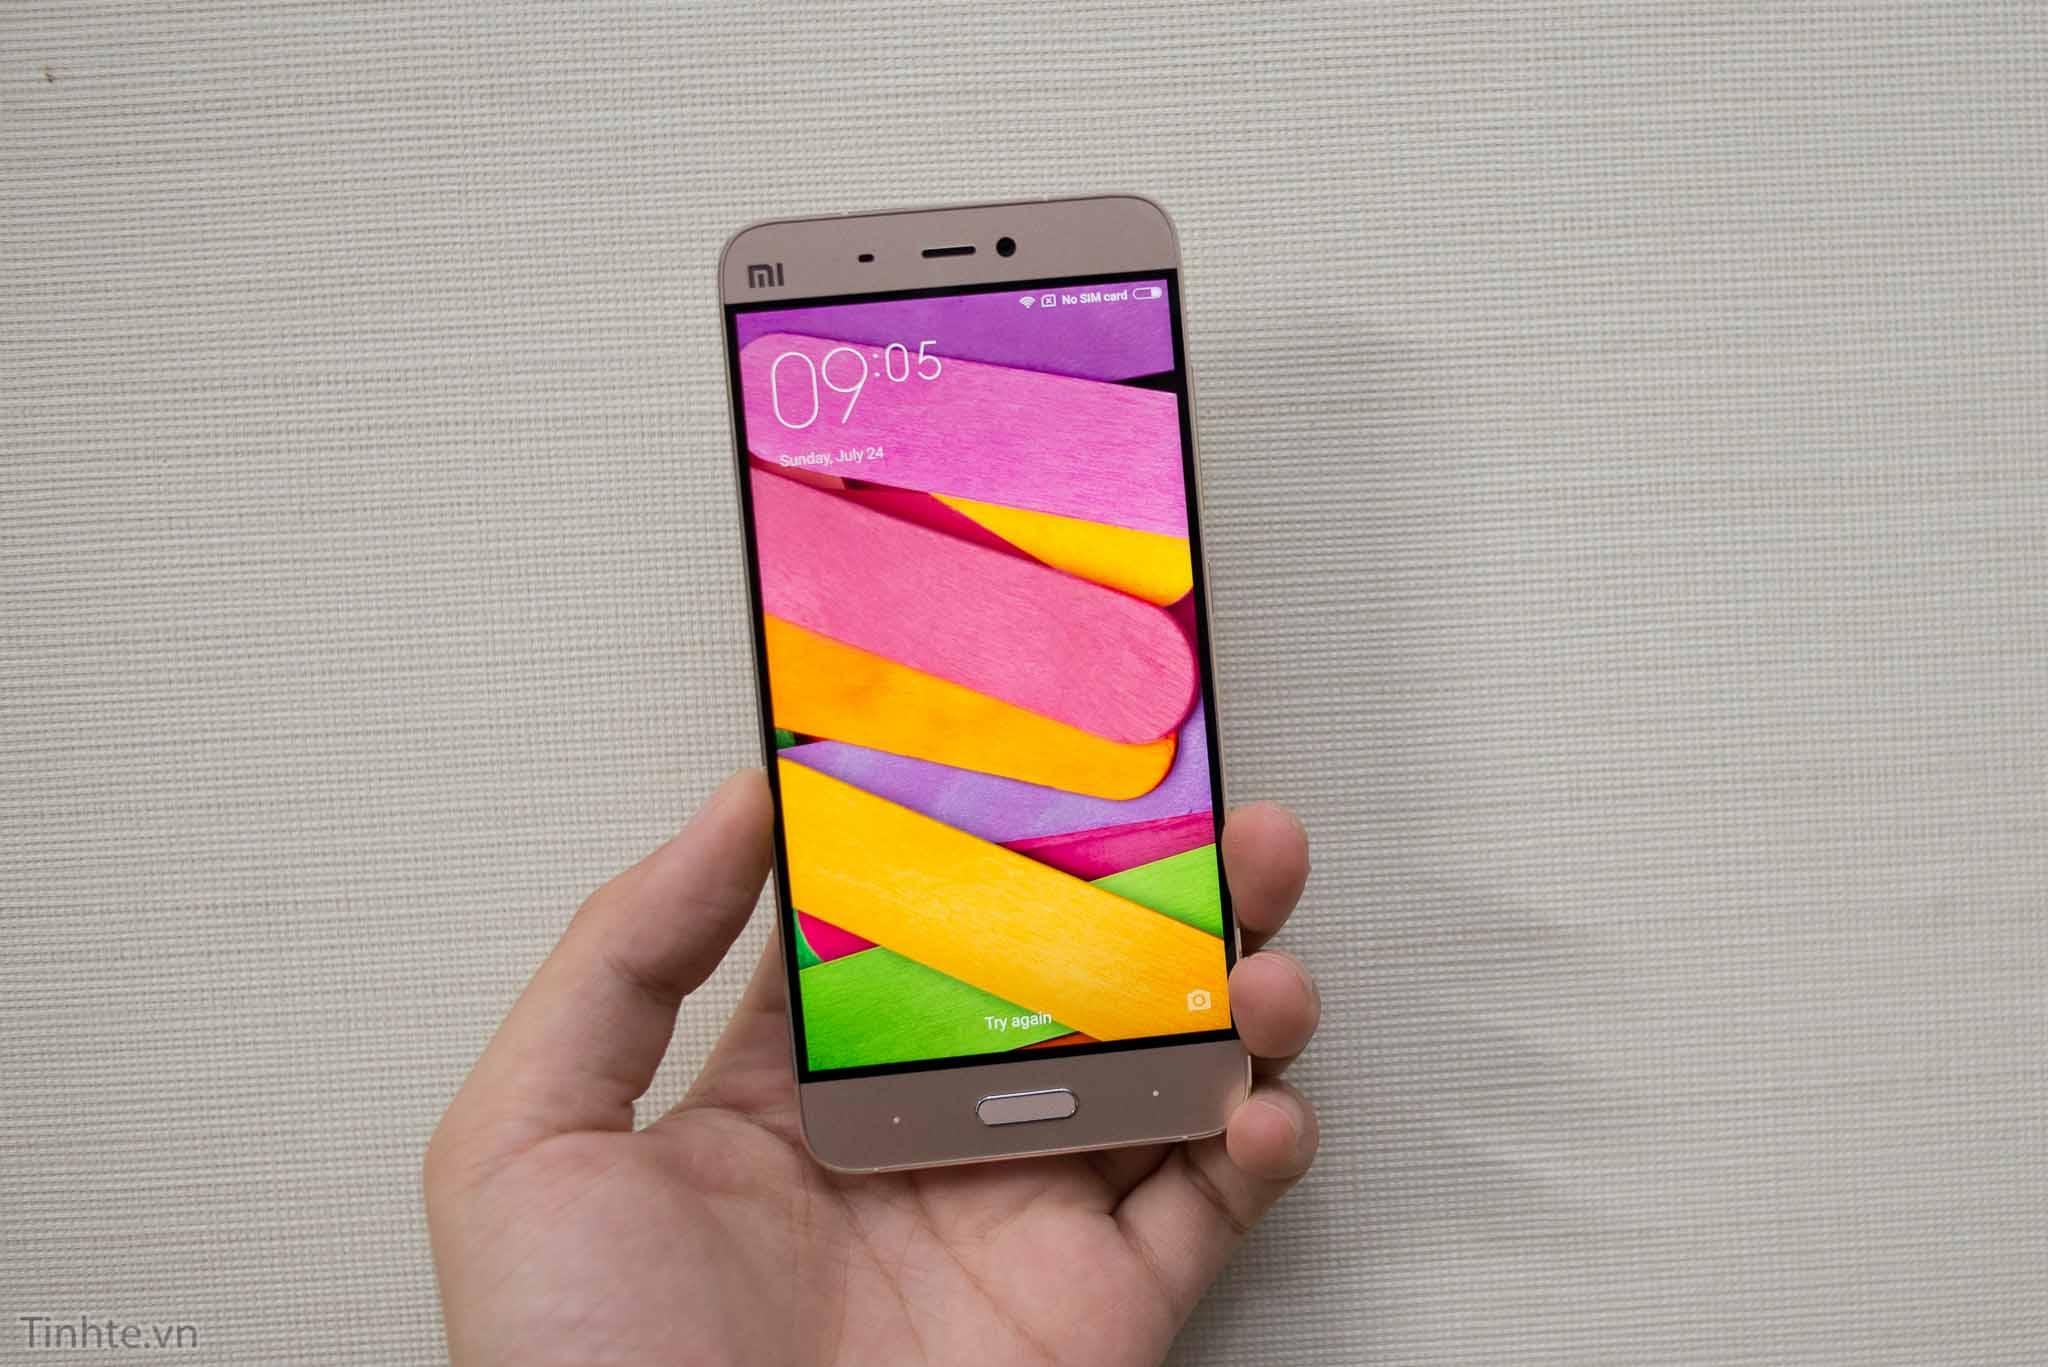 Xiaomi_Mi5_chinh_hang_tren_tay_tinhte.vn-2.jpg